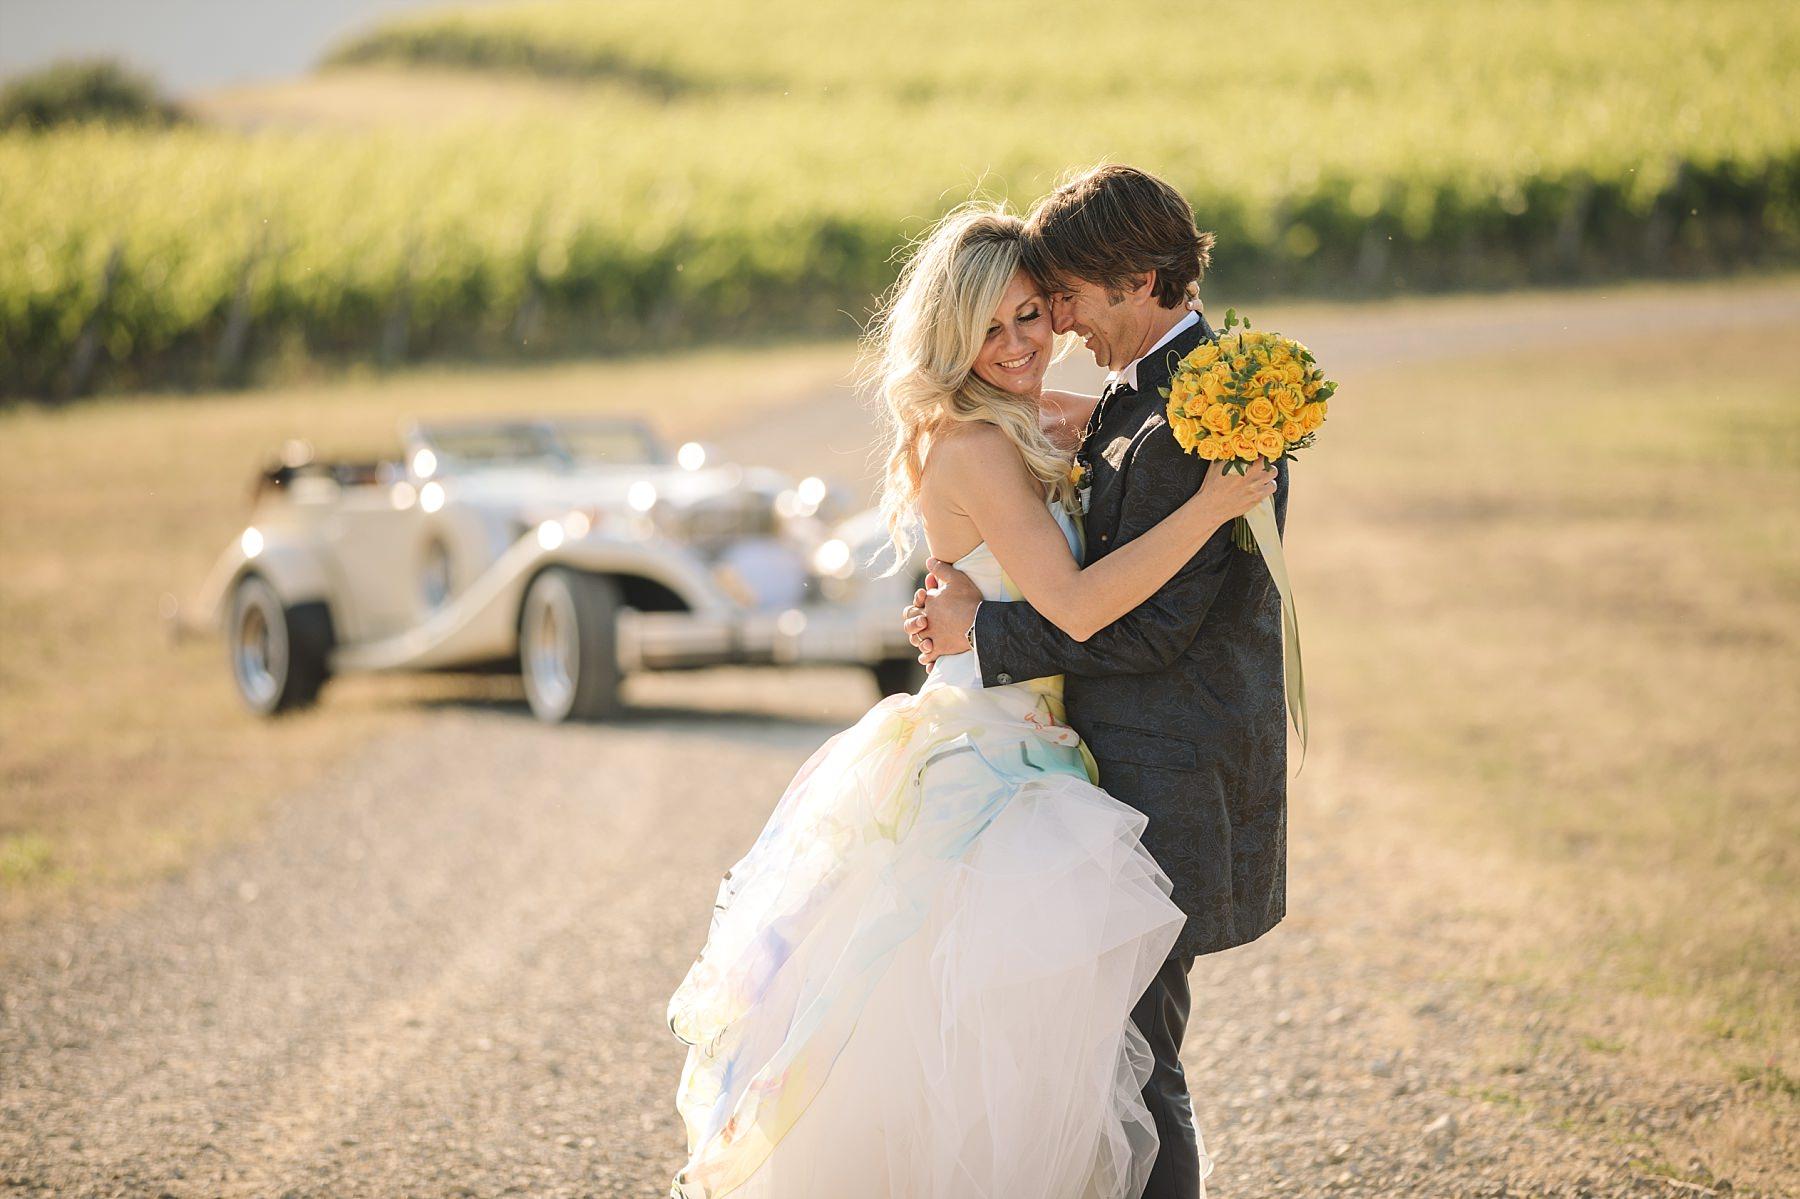 Reportage di sposi nelle vigne in toscana con la macchina in sfondo